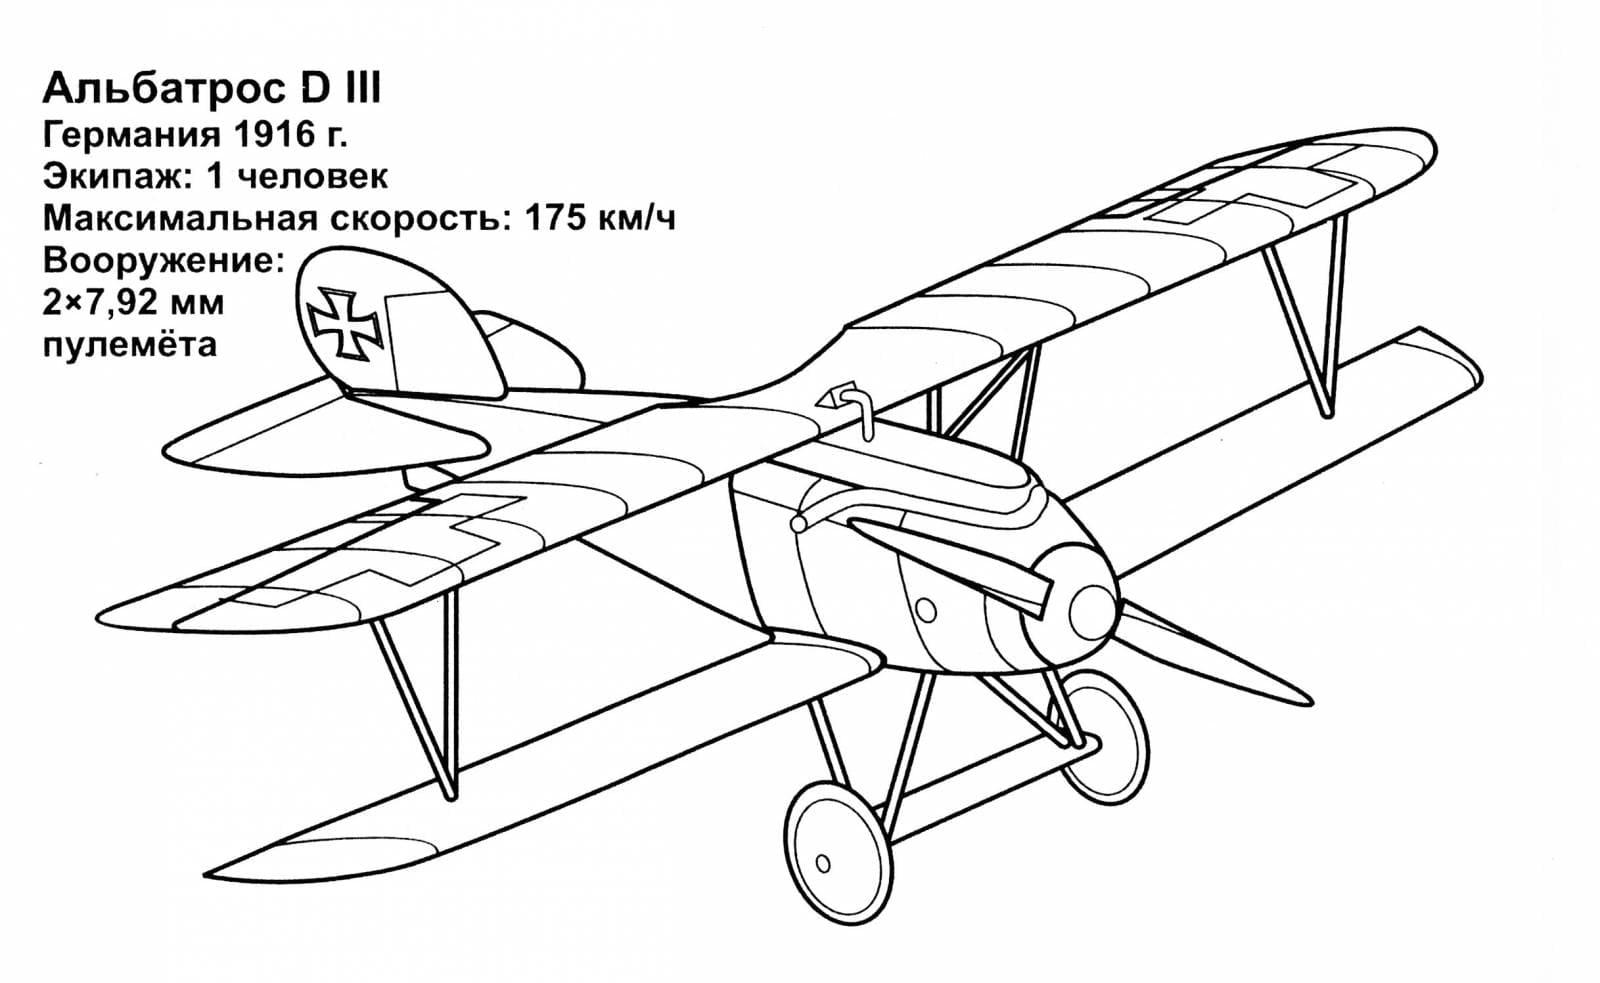 Раскраски самолётов для мальчиков. Распечатать можно онлайн!